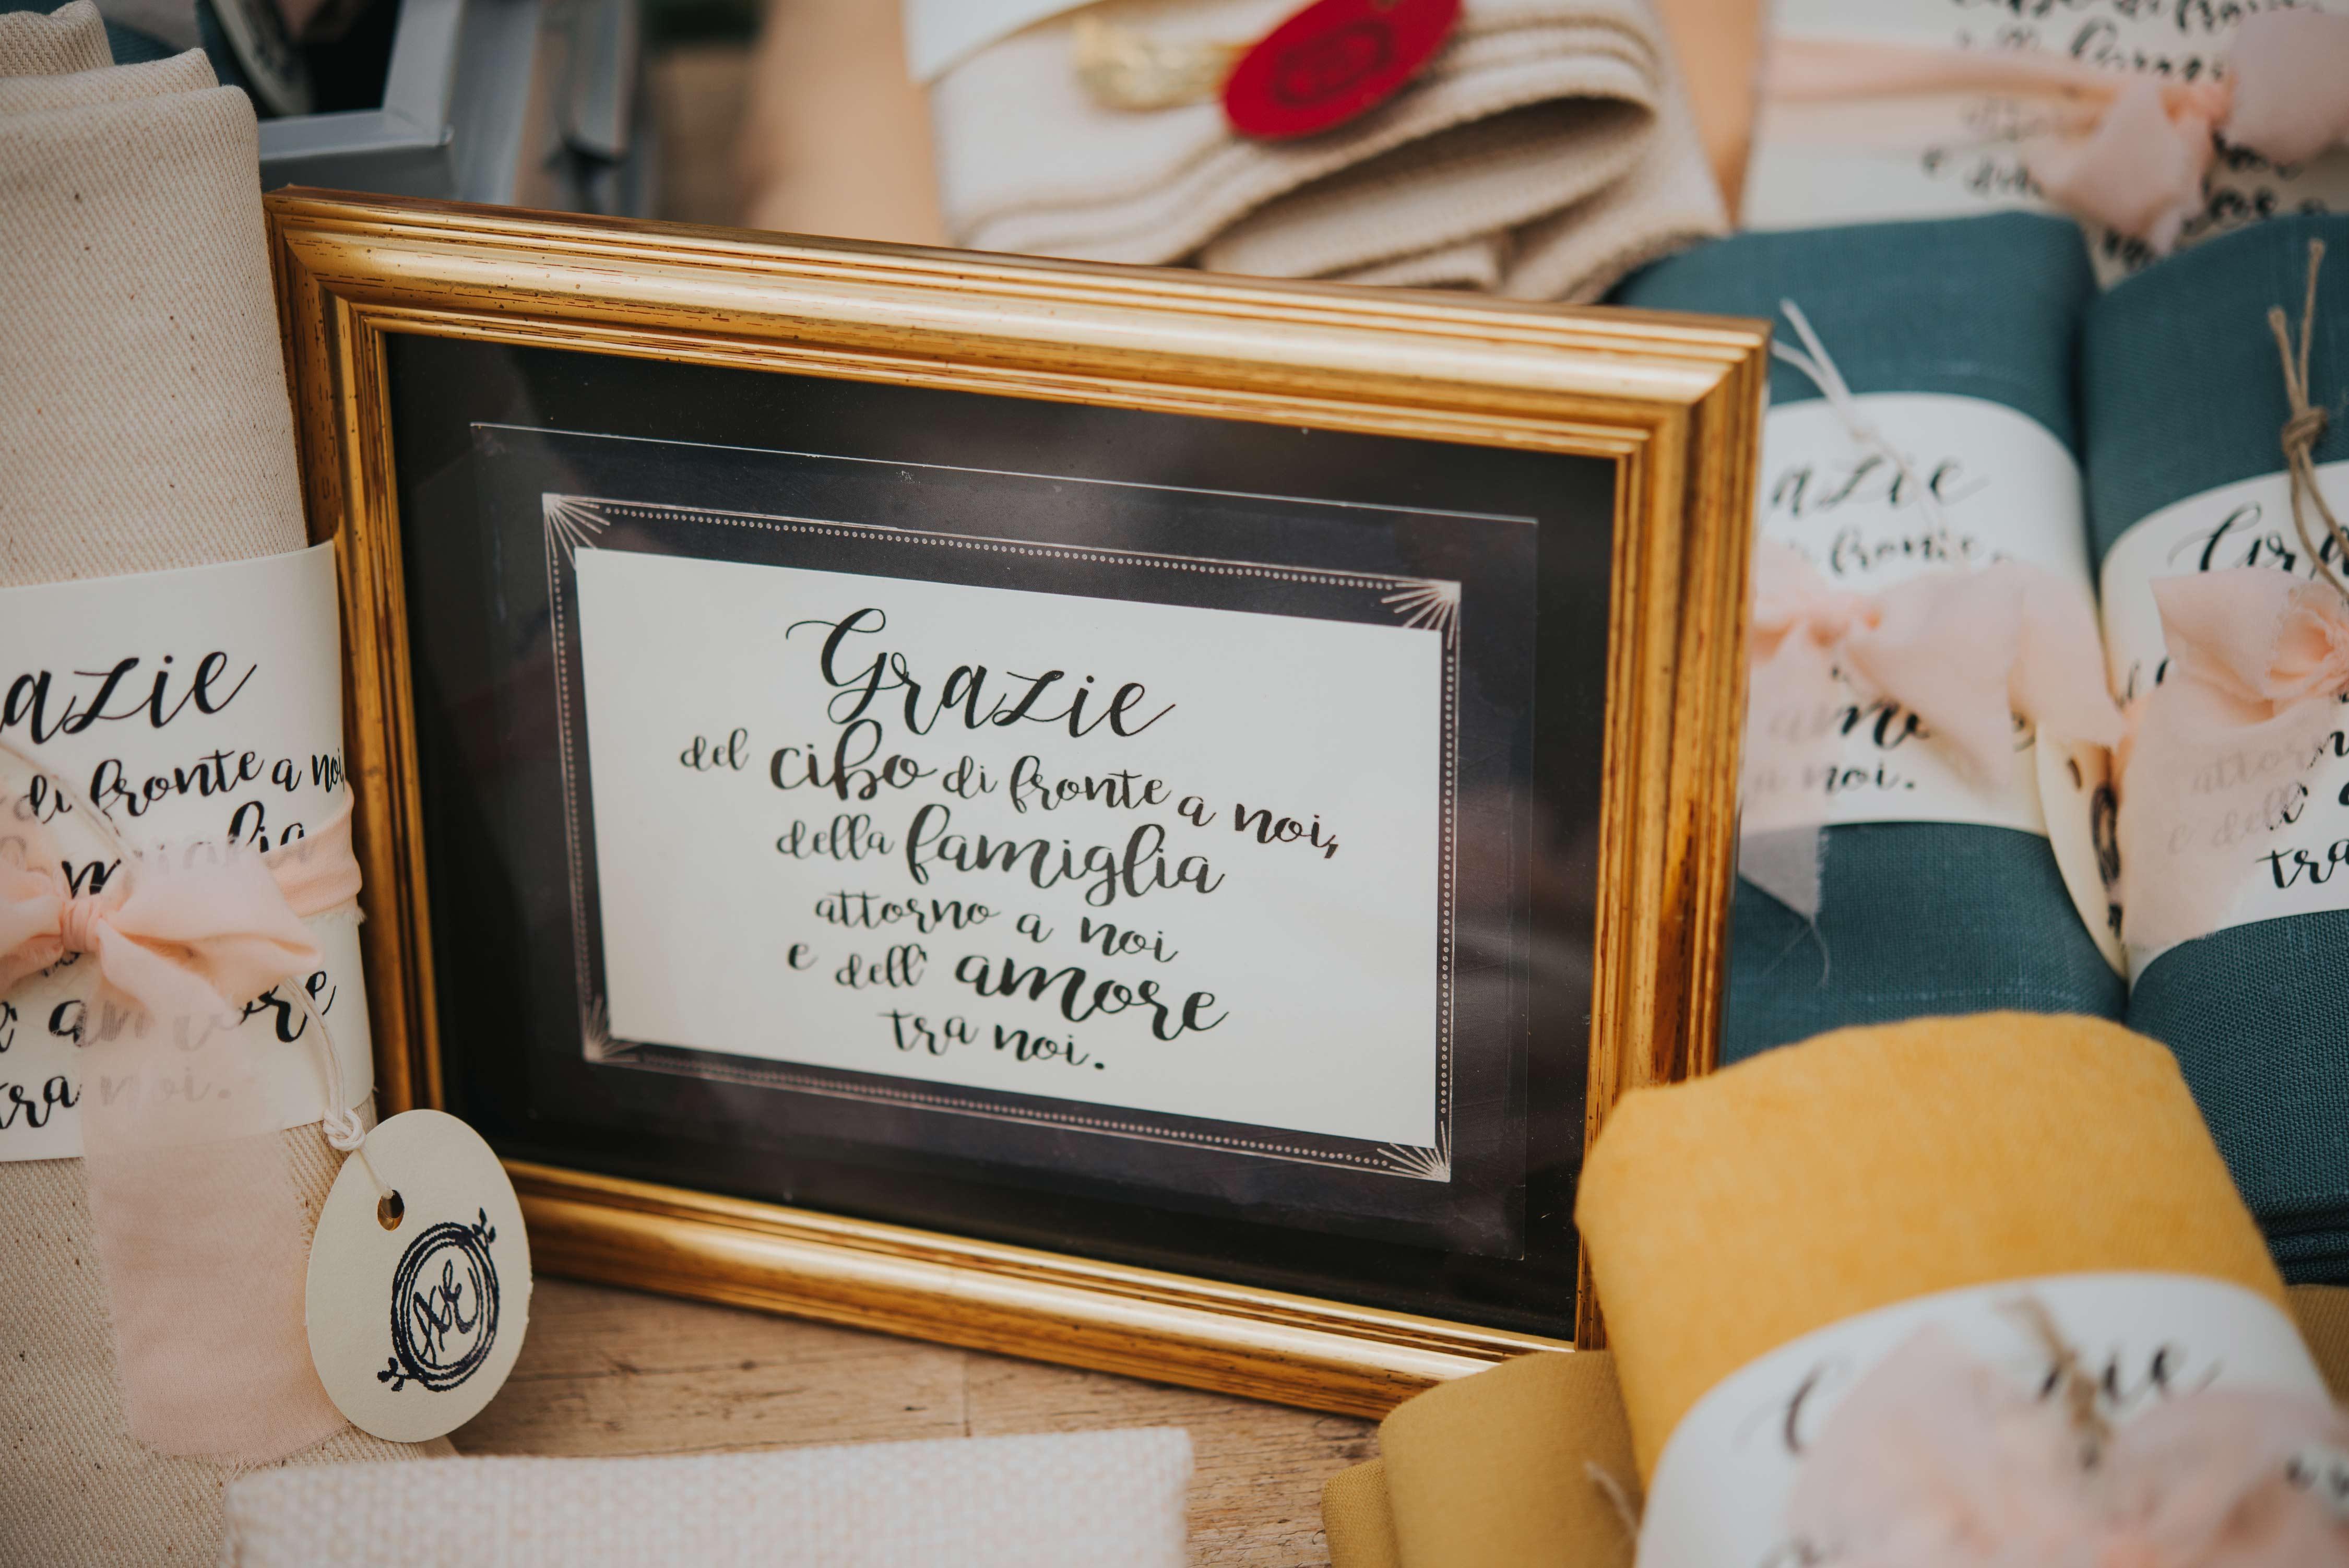 Bomboniere Matrimonio Quanto Spendere.Le Bomboniere Del Matrimonio Un Ringraziamento Prezioso Per I